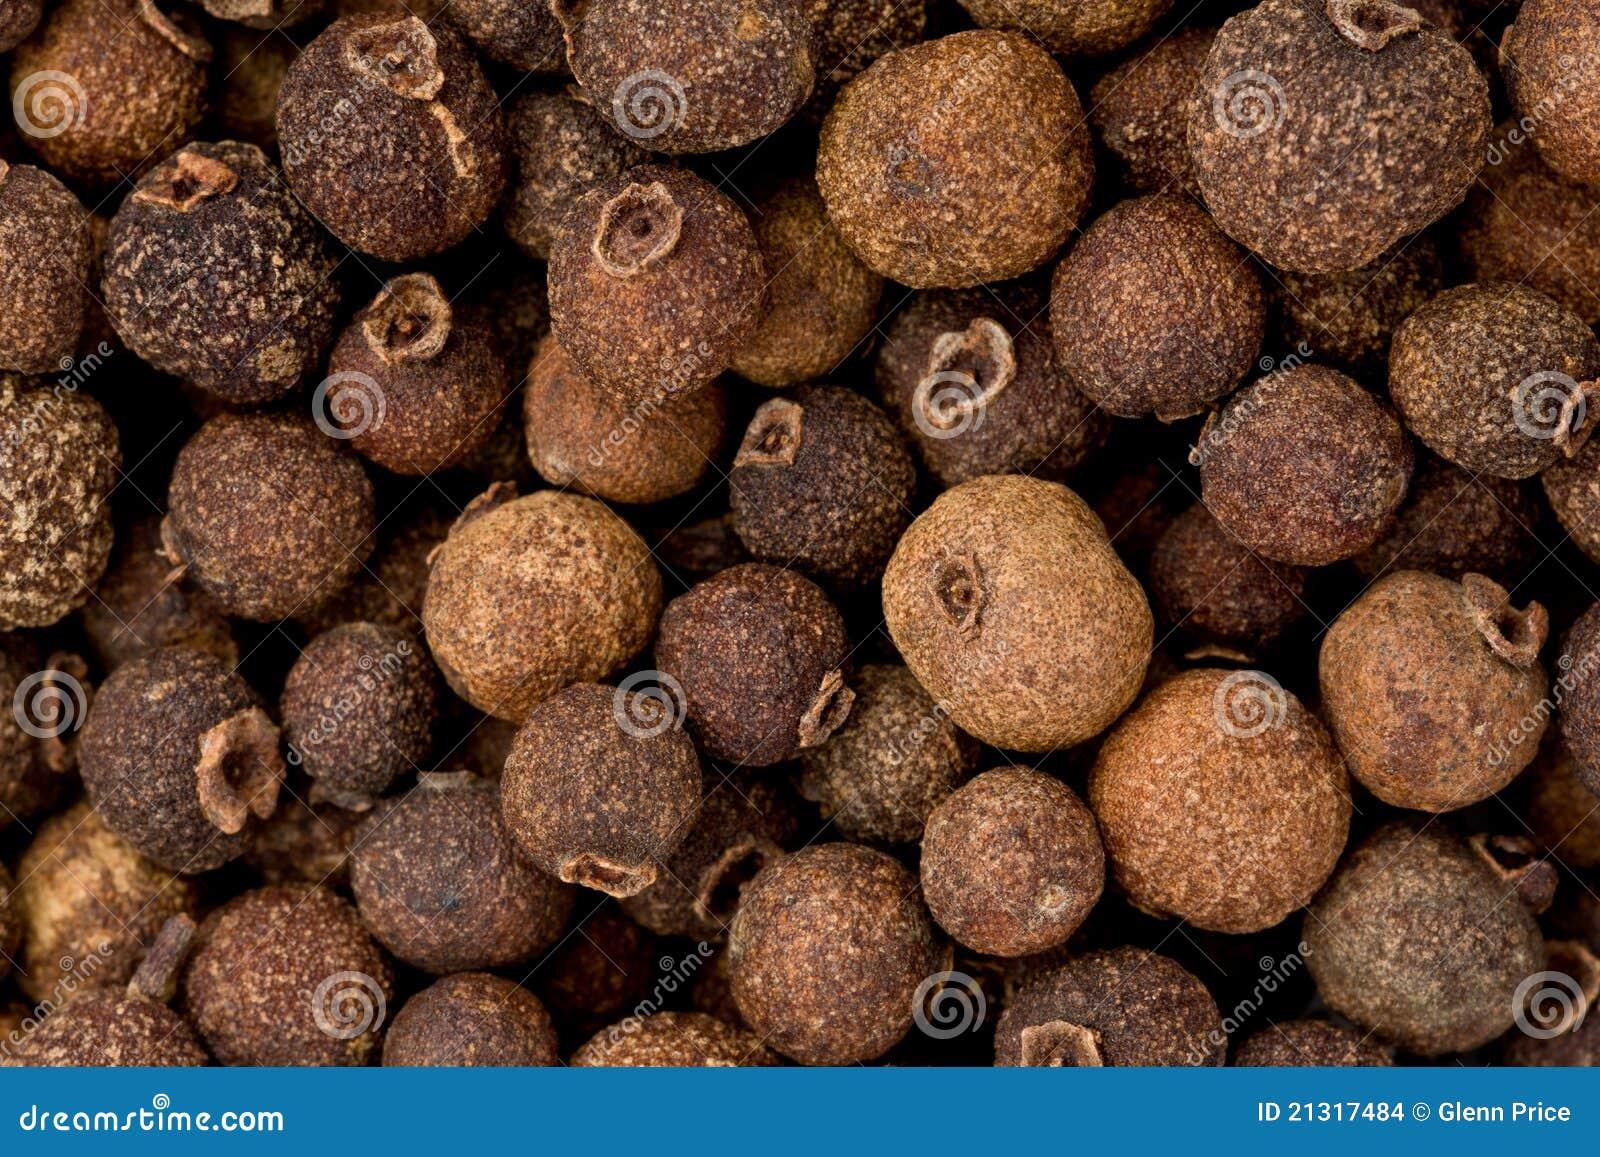 Whole Allspice (Pimenta Dioica) Stock Photo - Image: 21317484